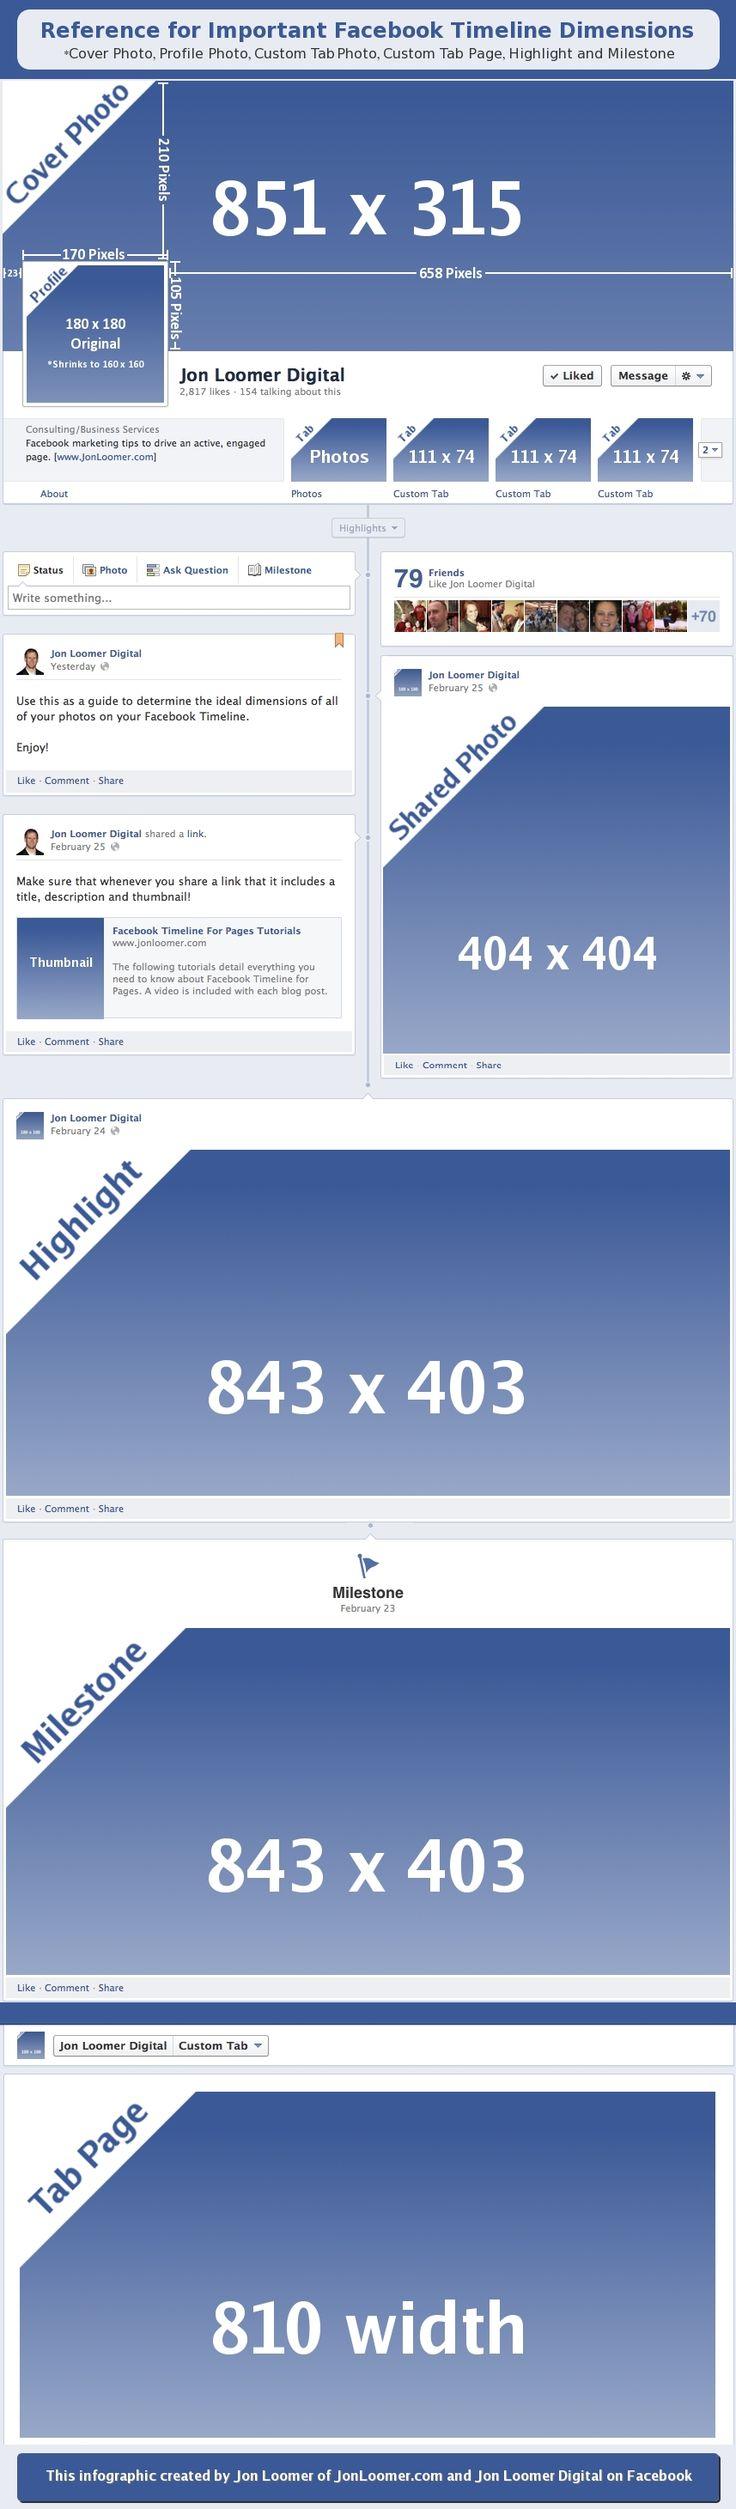 Life saver: Facebook timeline dimensions